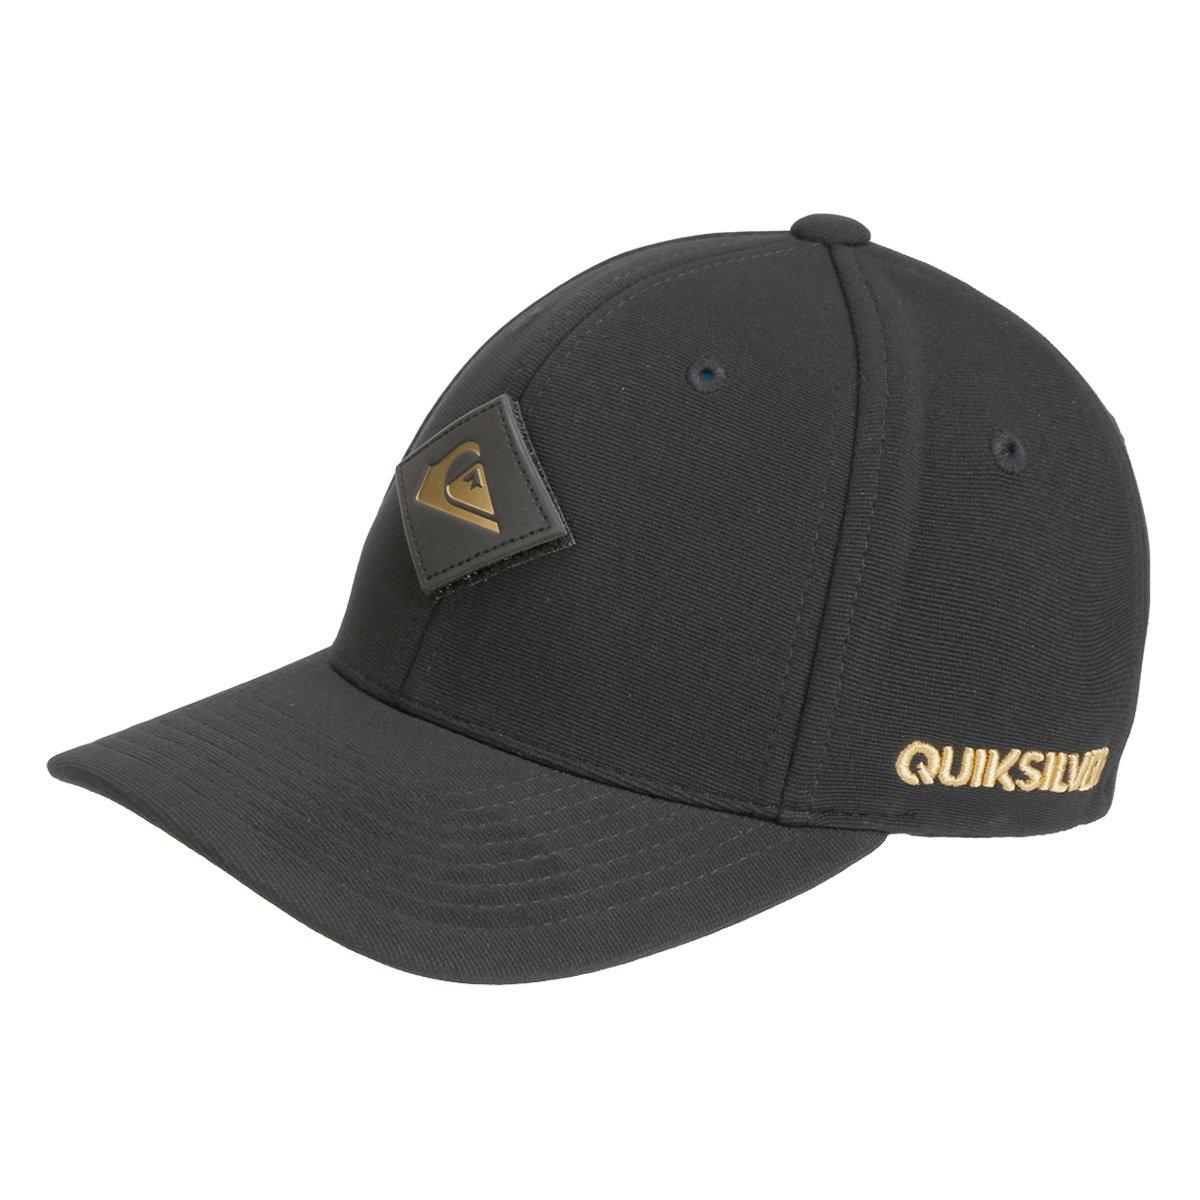 Boné Quiksilver Aba Curva Velcro Golden Masculino - Compre Agora ... 6316f3e849229